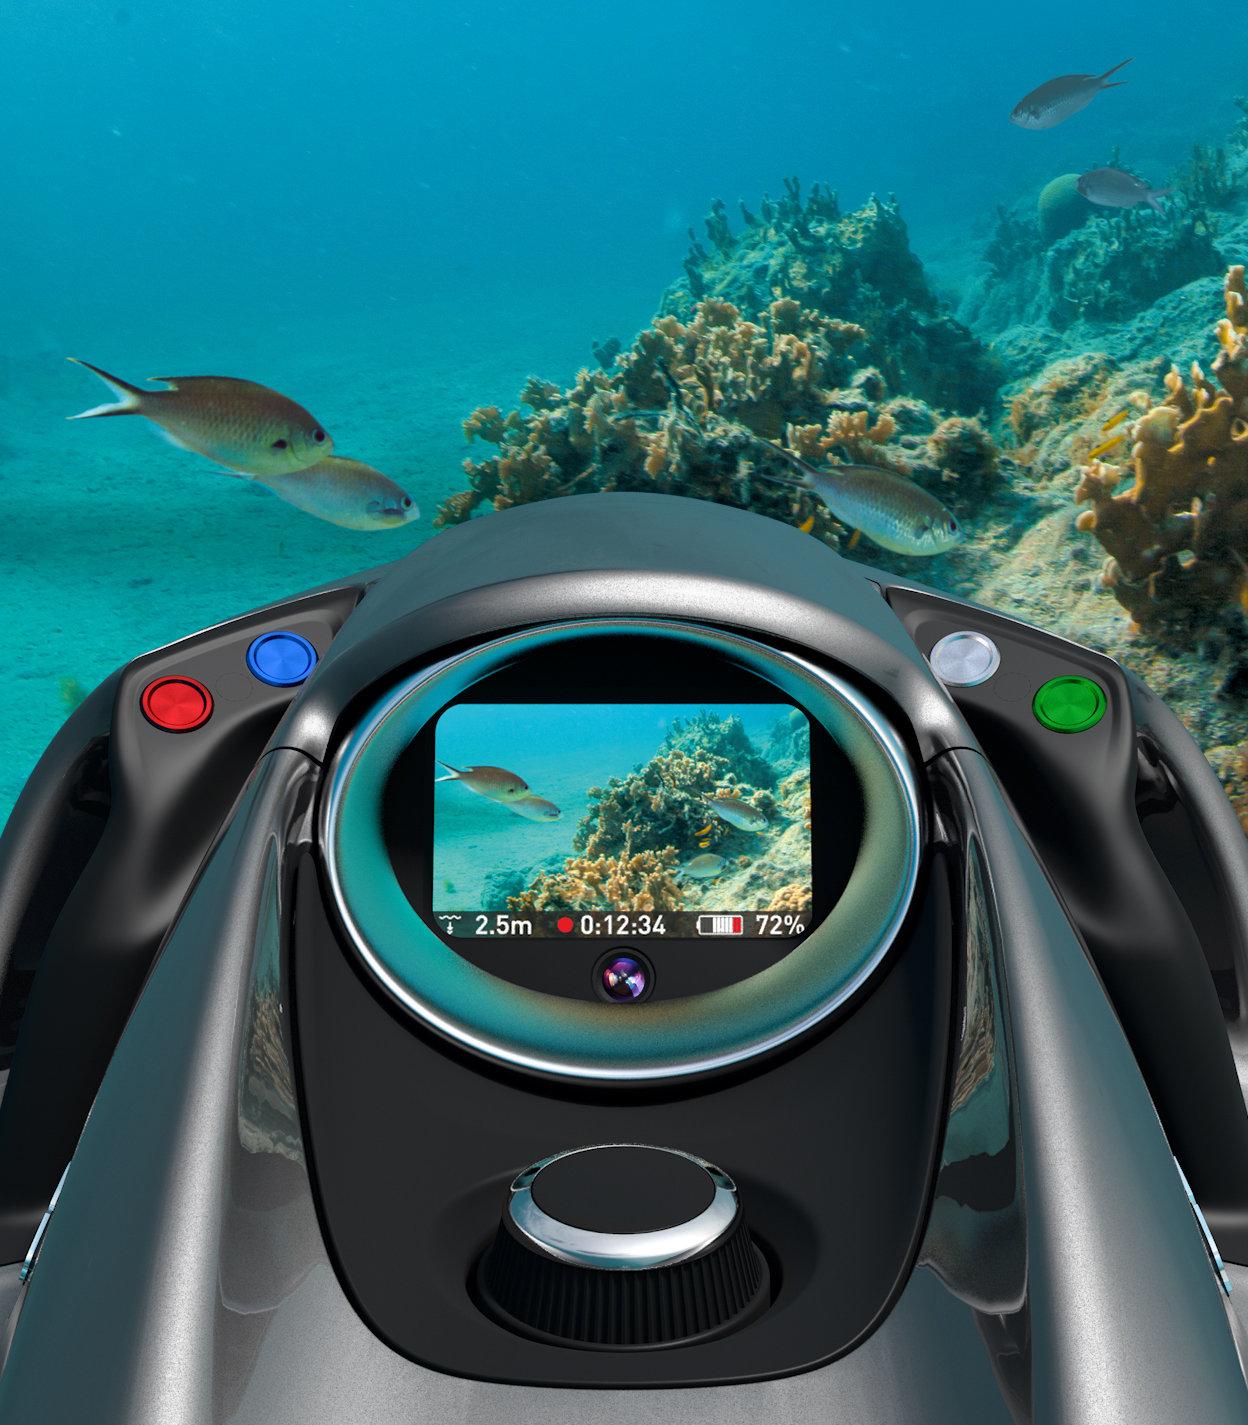 SEABOB Guided Snorkel Tour W/Cameras